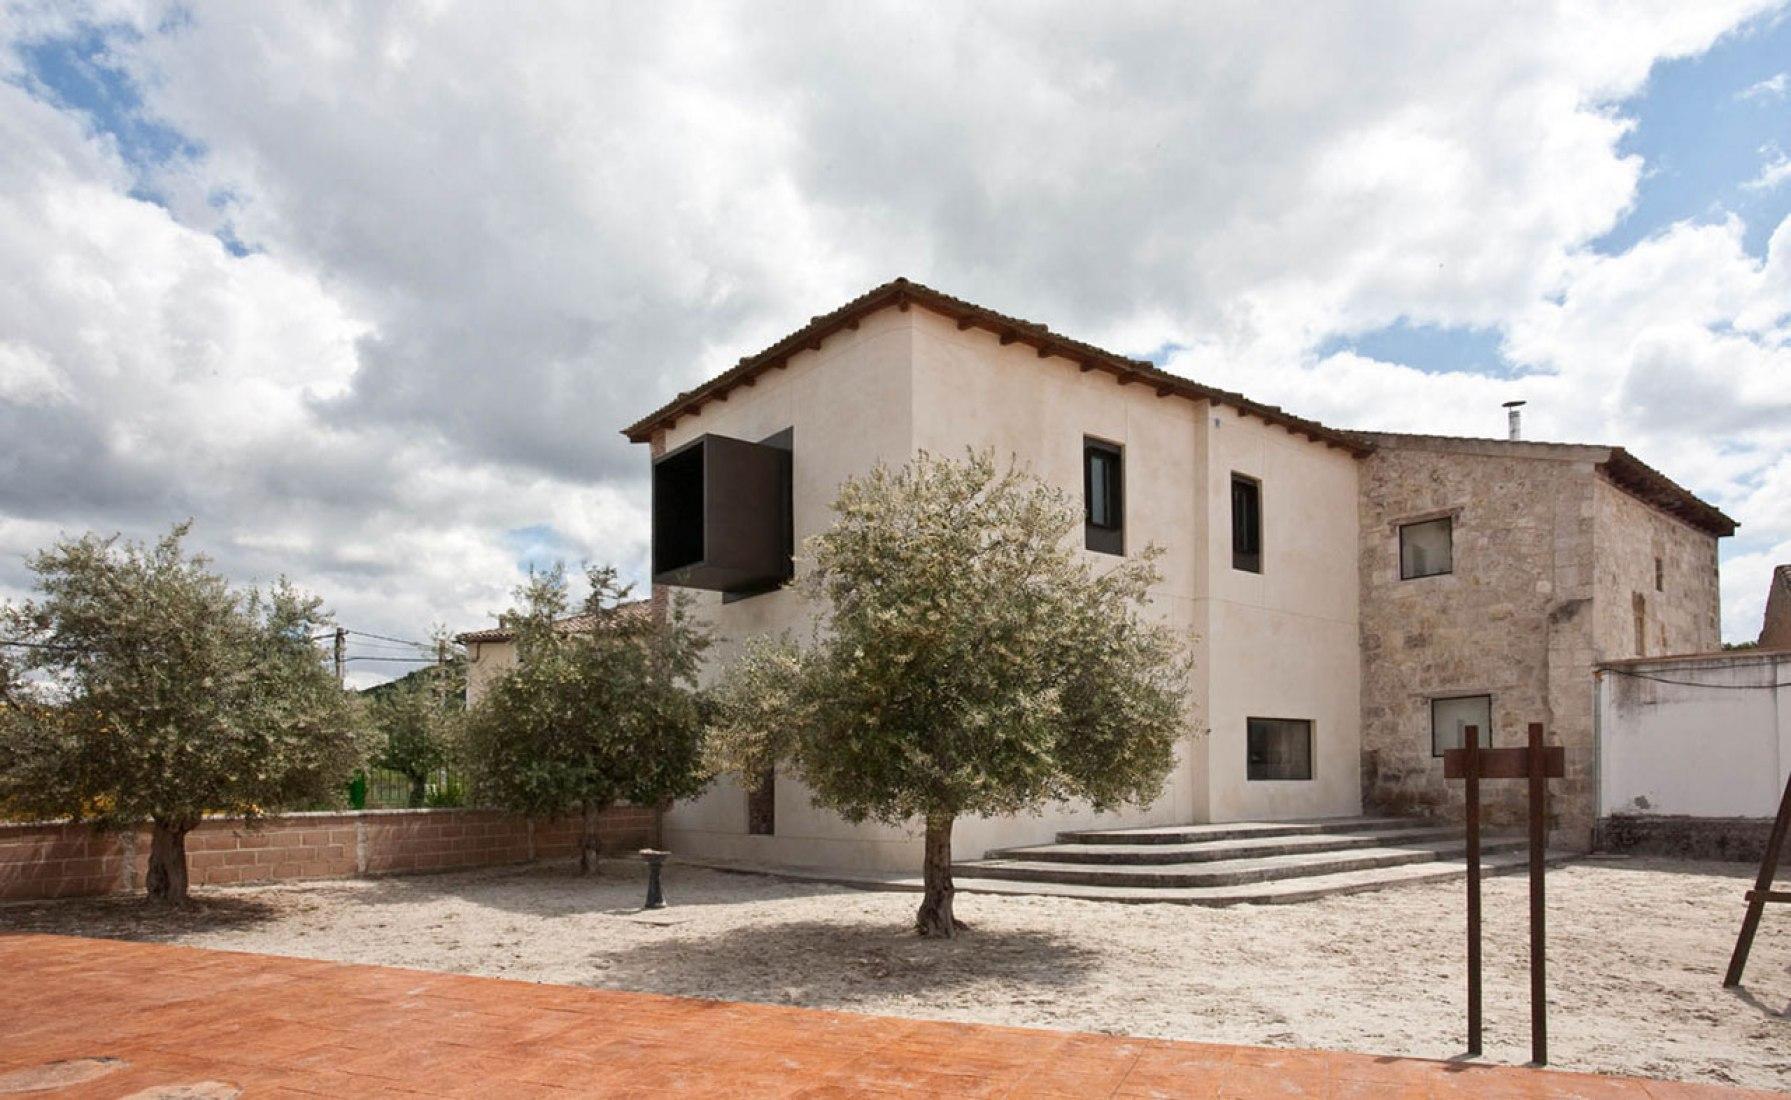 Vista exterior. Rehabilitación del ayuntamiento de Traspinedo por Óscar Miguel Ares Álvarez. Fotografía © Óscar Miguel Ares Álvarez.